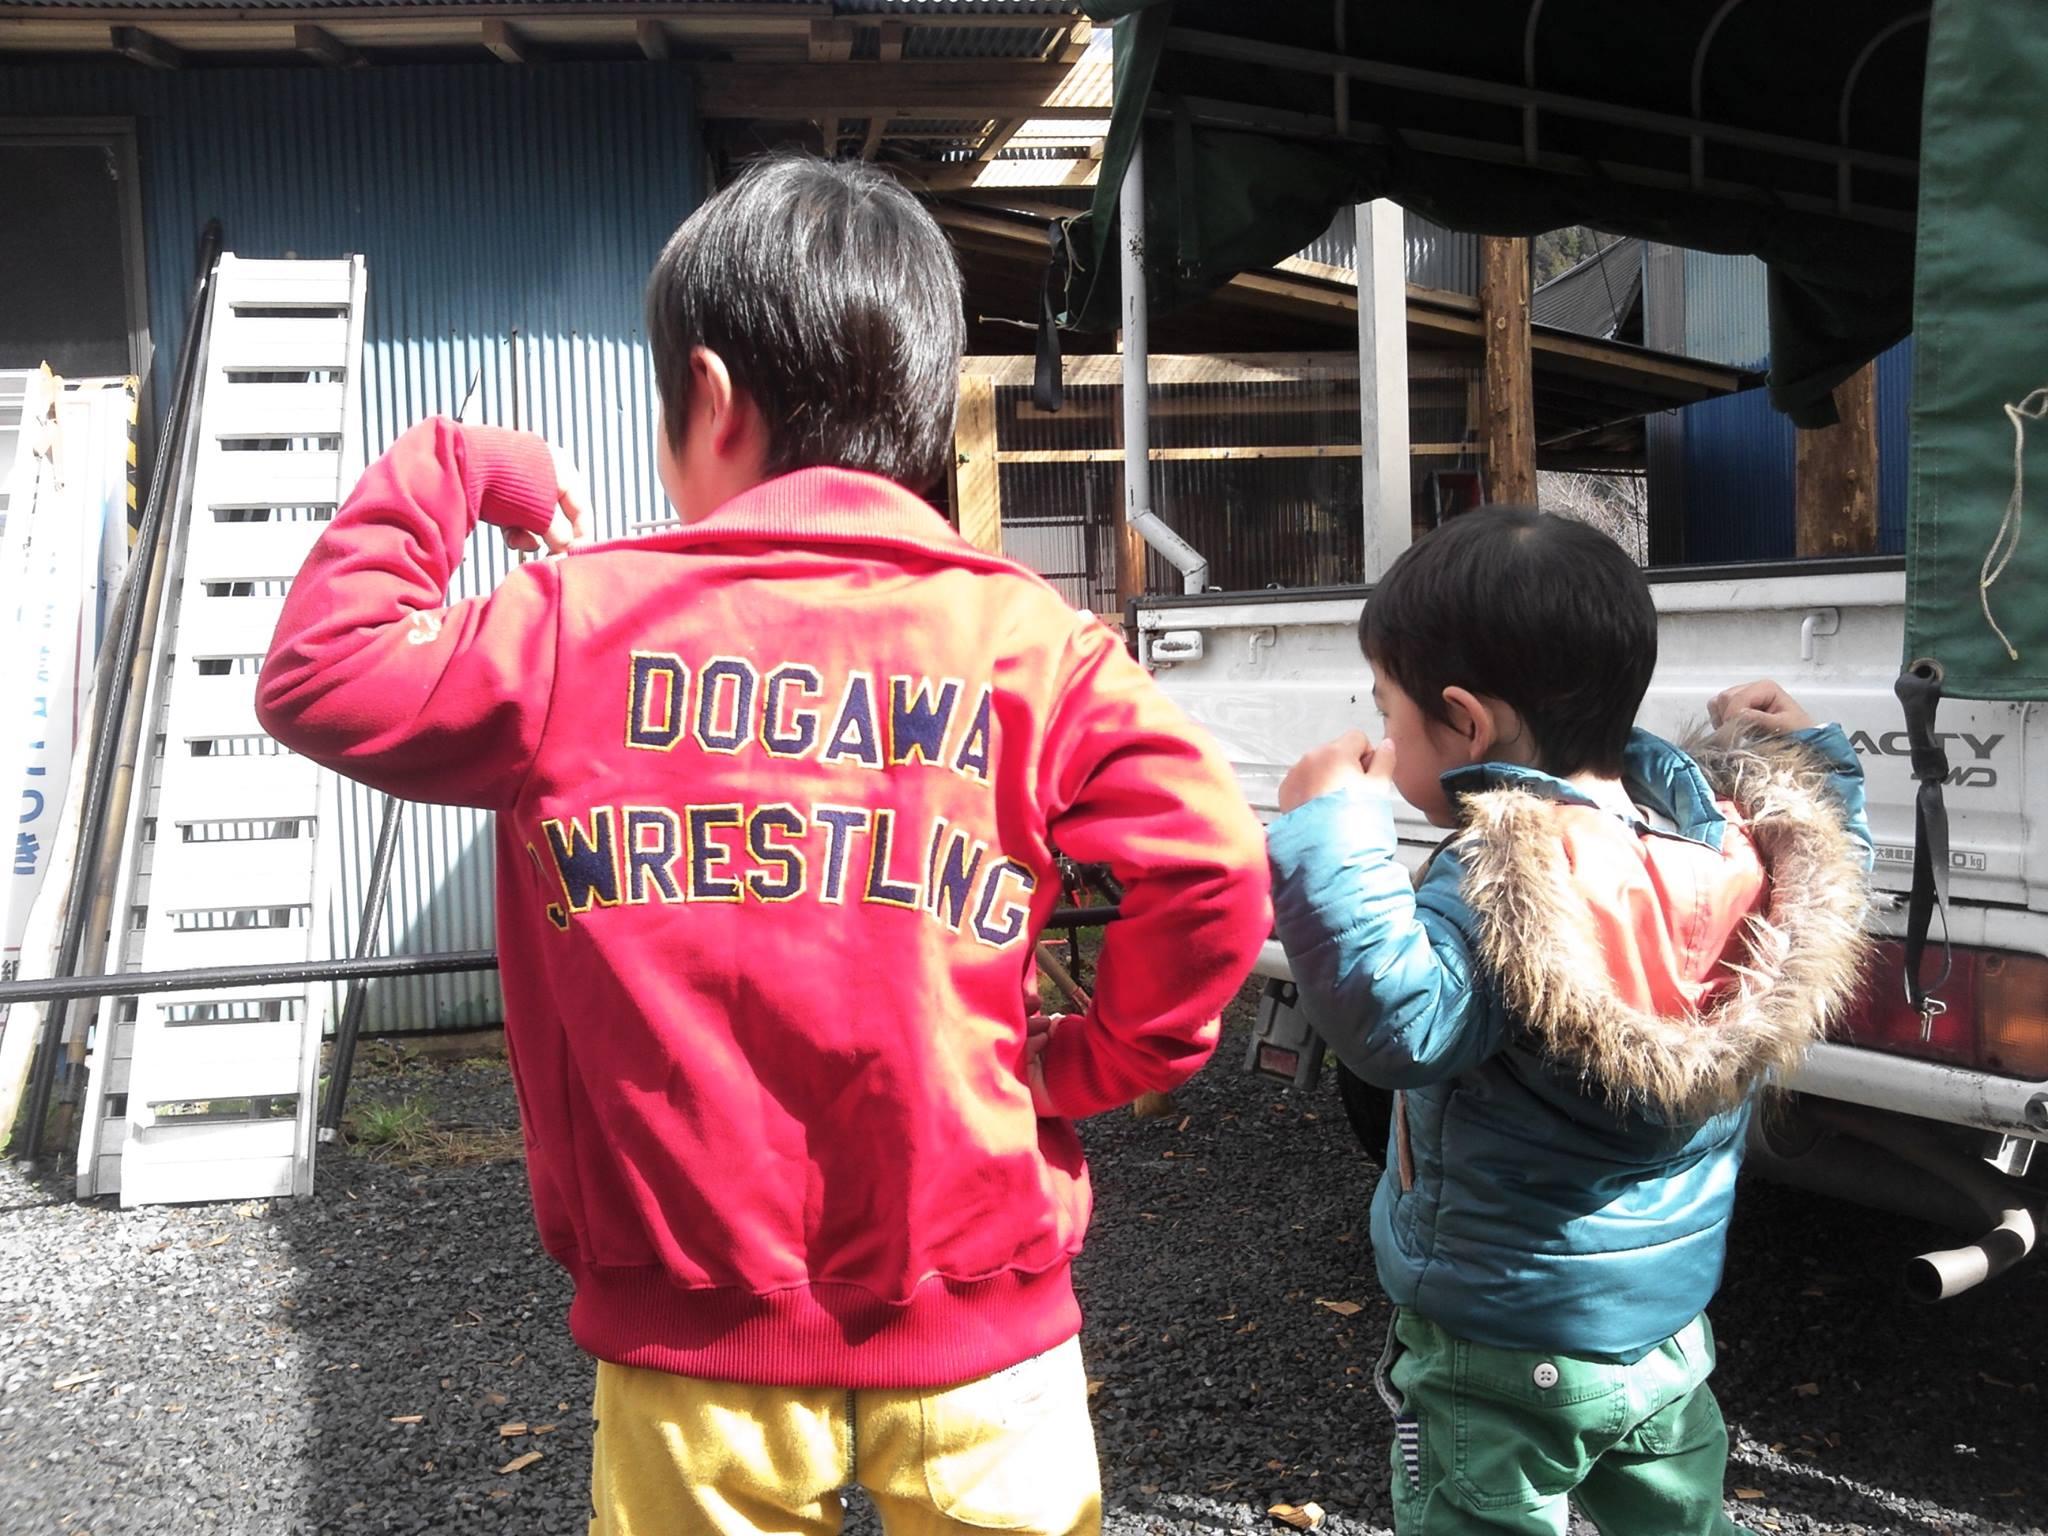 現在では激レアとなった『渡川レスリングクラブ』のジャージ。